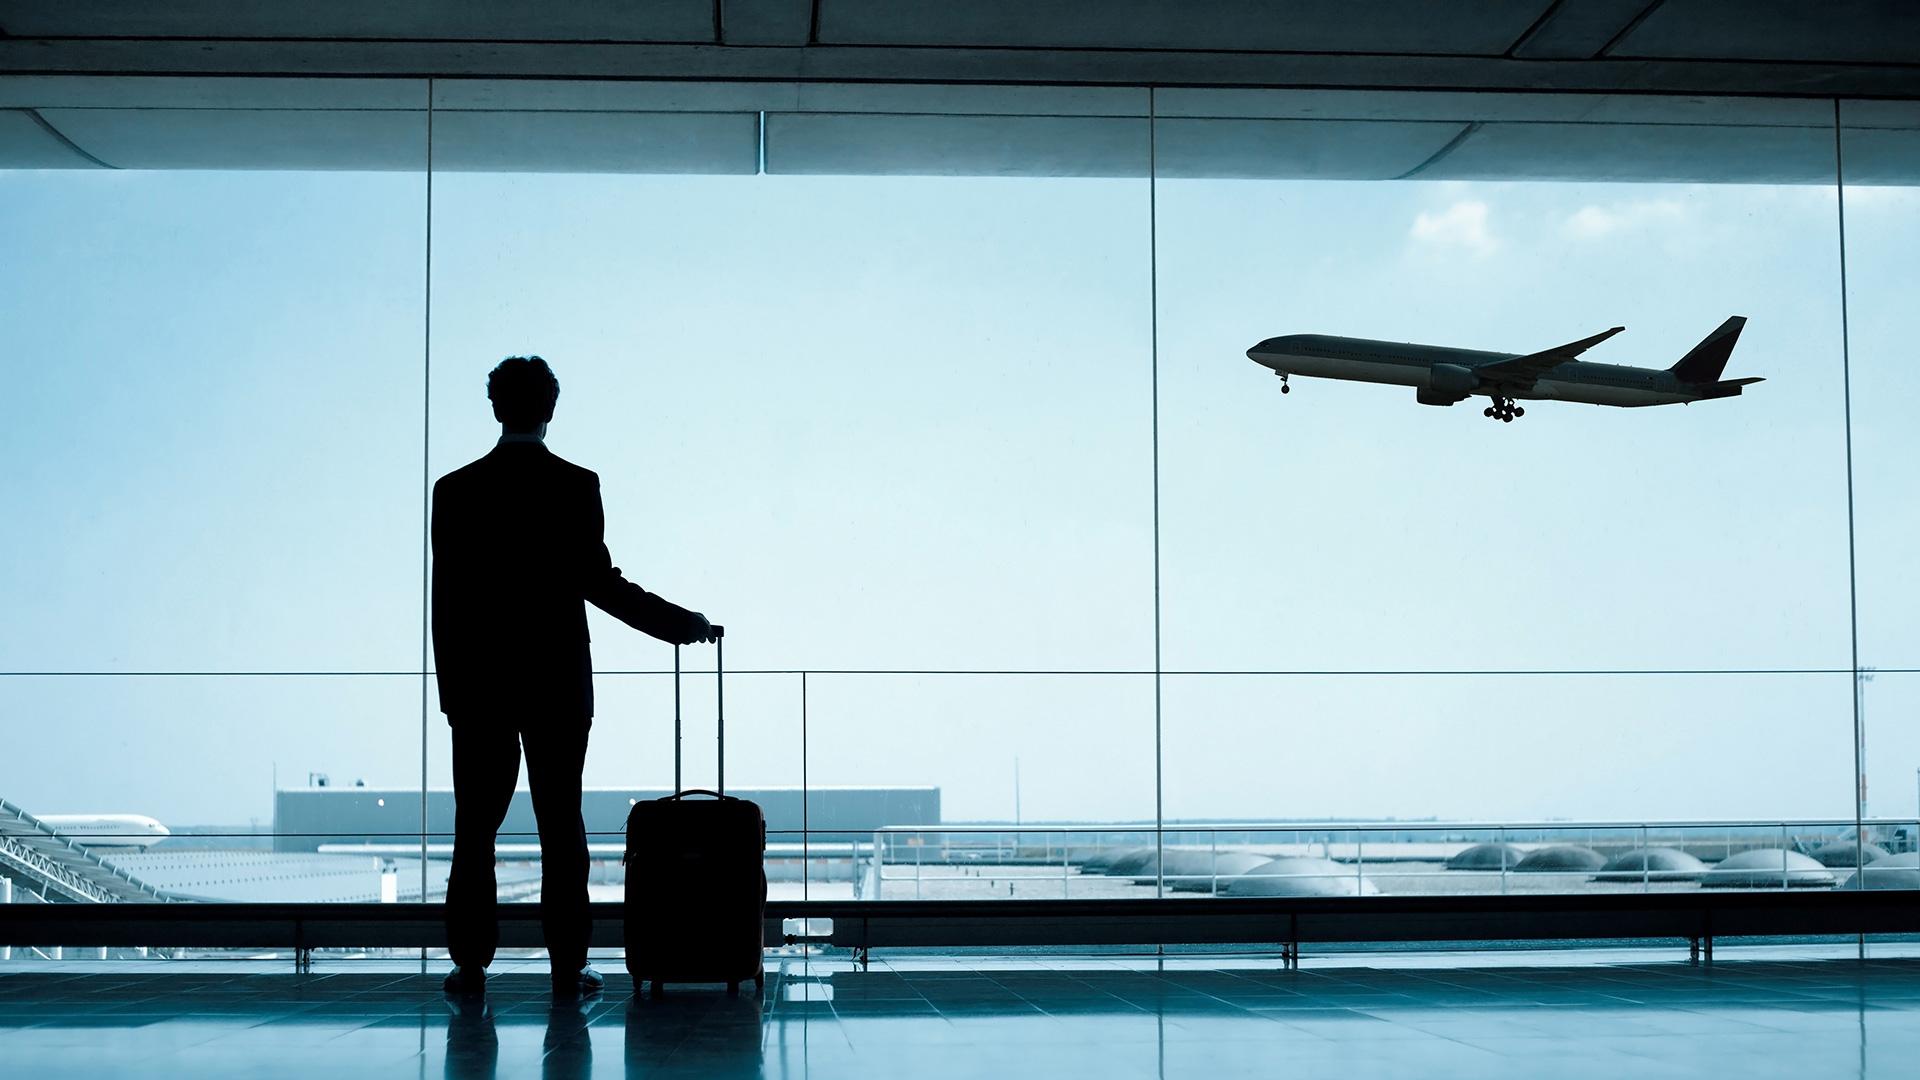 Mises à jour concernant les restrictions de voyage aux États-Unis